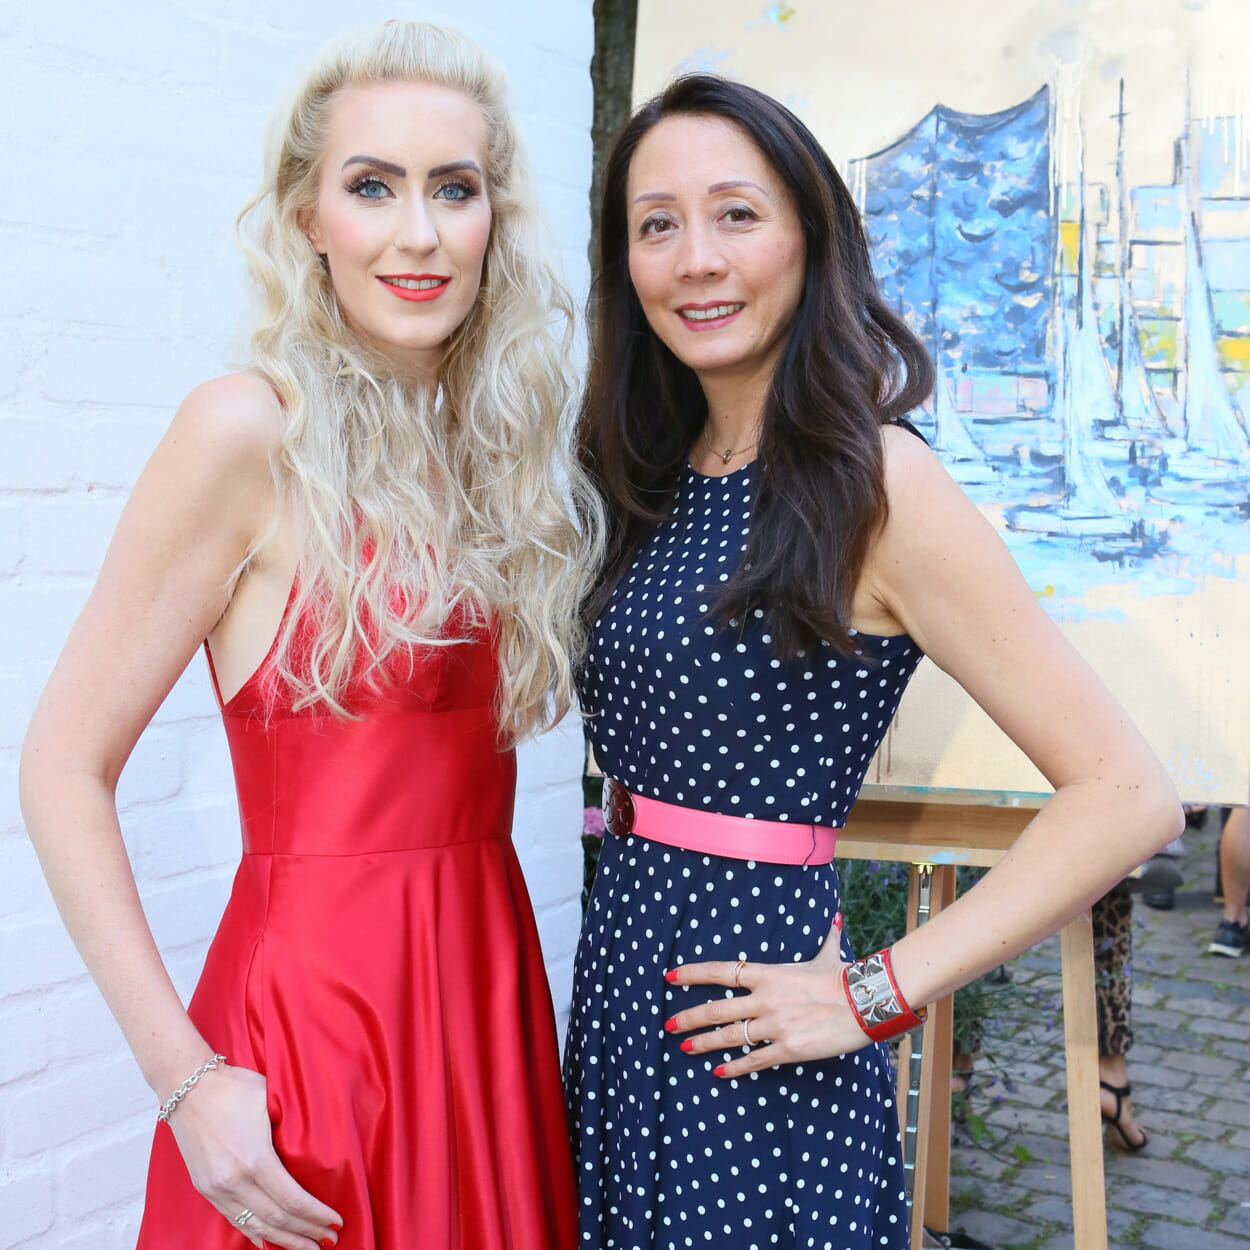 Phong Lan Hofer besucht Kunstausstellung in Hamburg von der Künstlerin Juliane Golbs. Phong Lan Hofer mag die Kunst sehr.